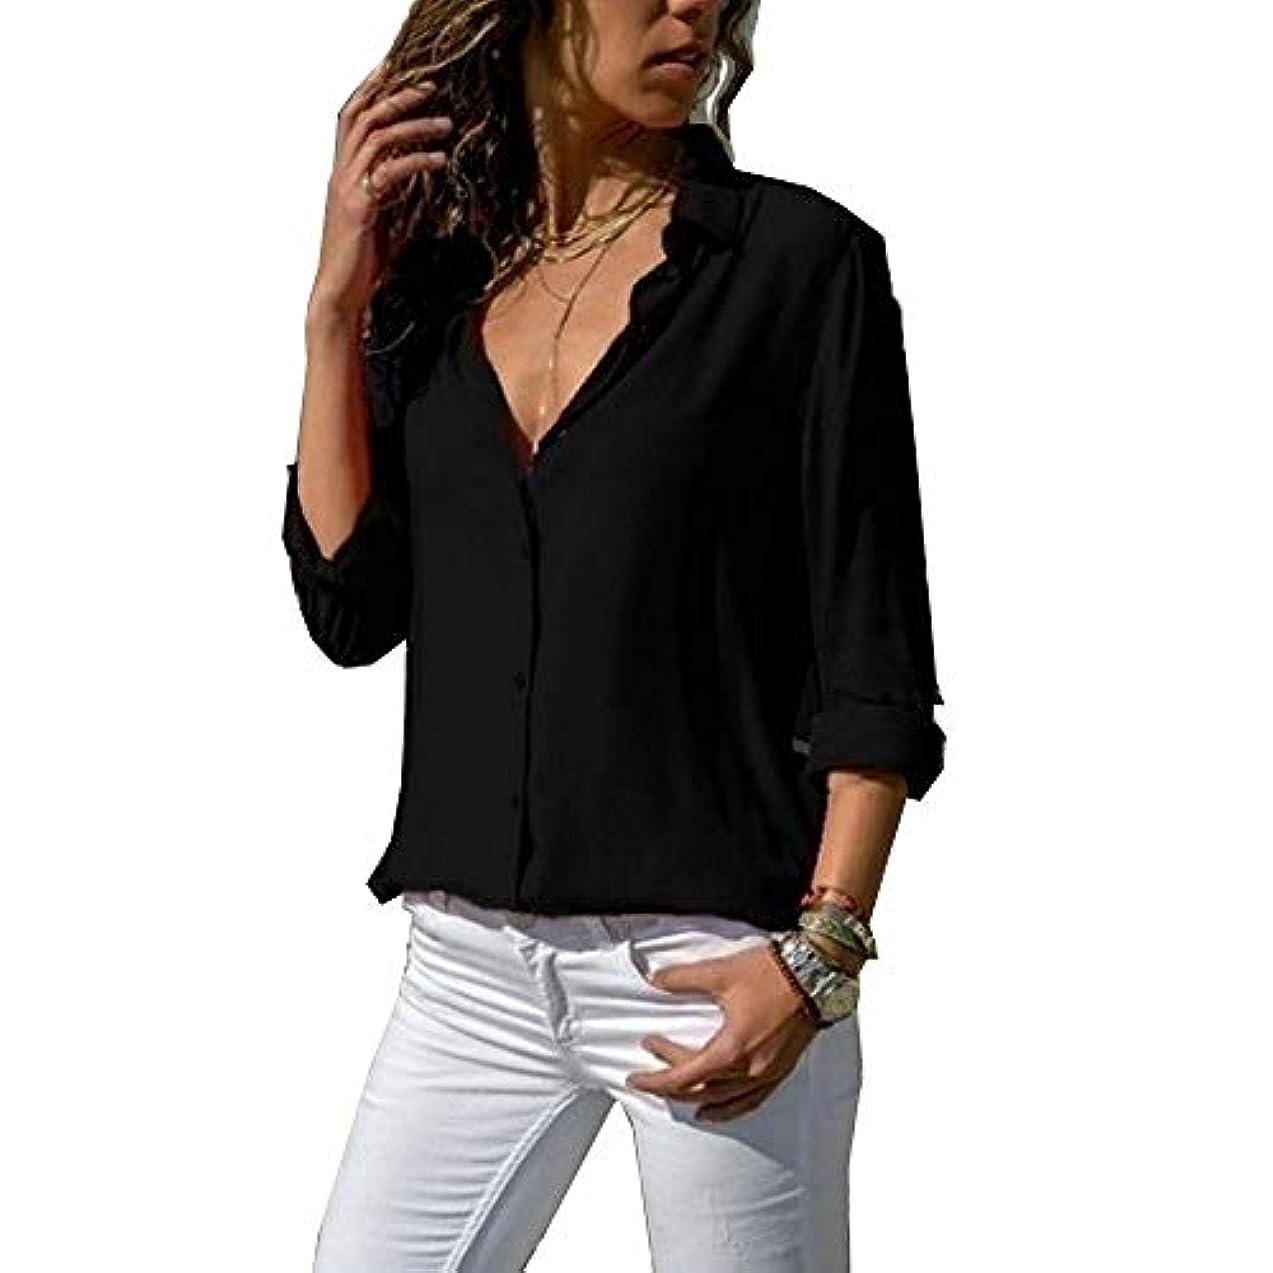 はっきりと公女王MIFAN ルーズシャツ、トップス&Tシャツ、プラスサイズ、トップス&ブラウス、シフォンブラウス、女性トップス、シフォンシャツ